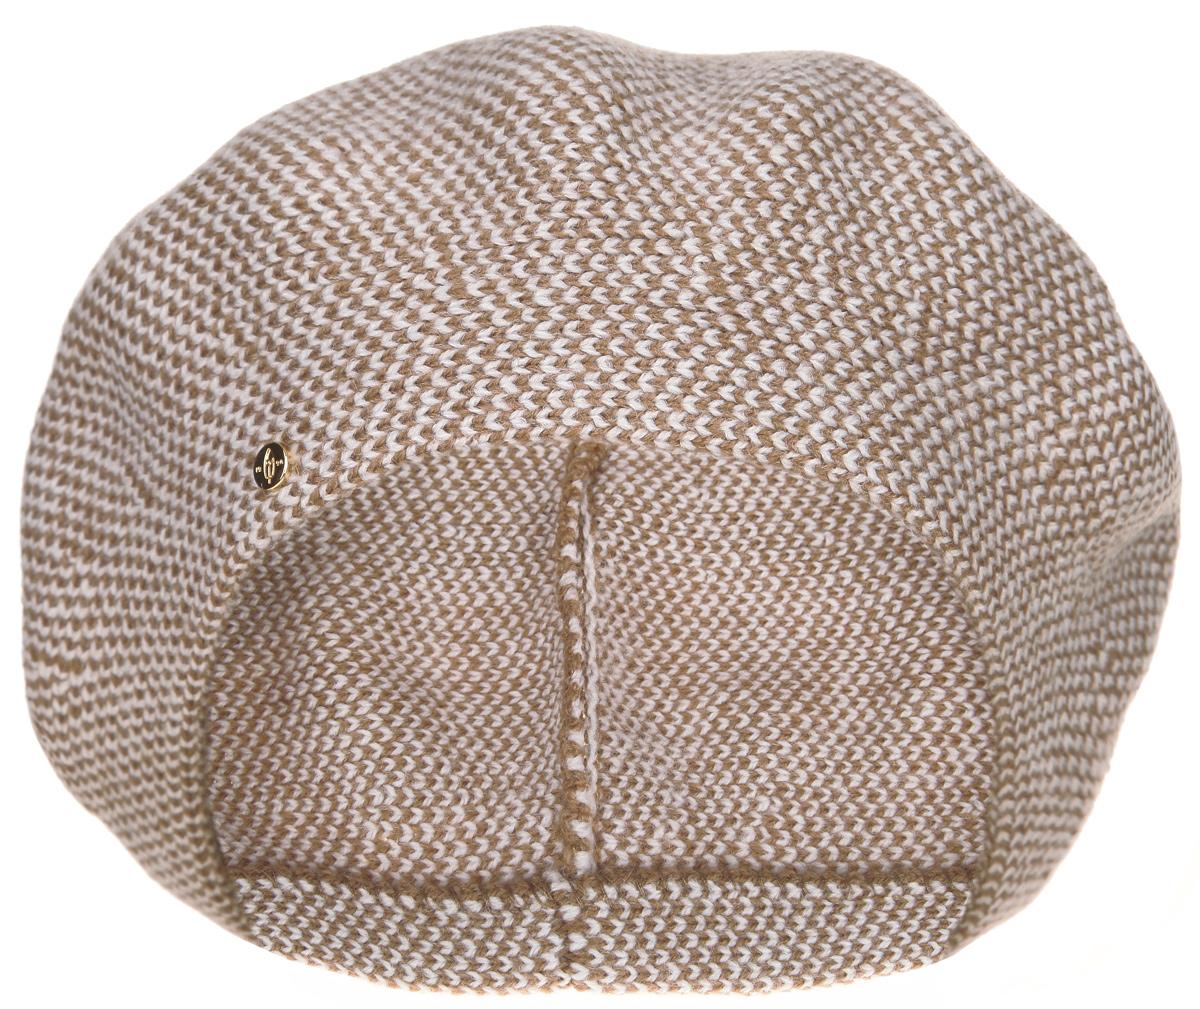 Берет3450493Стильный женский берет Canoe Dams отлично дополнит ваш образ в холодную погоду. Сочетание шерсти и акрила максимально сохраняет тепло и обеспечивает удобную посадку. Берет украшен небольшим декоративным элементом с изображением логотипа бренда. Привлекательный стильный берет Canoe Dams подчеркнет ваш неповторимый стиль и индивидуальность.